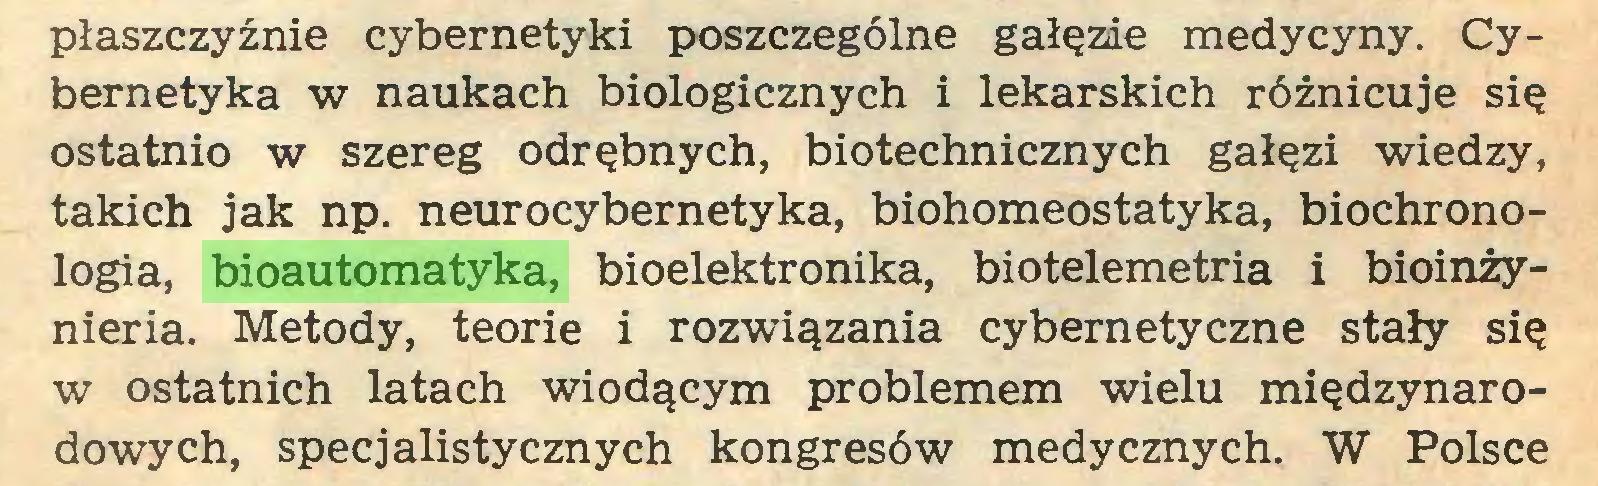 (...) płaszczyźnie cybernetyki poszczególne gałęzie medycyny. Cybernetyka w naukach biologicznych i lekarskich różnicuje się ostatnio w szereg odrębnych, biotechnicznych gałęzi wiedzy, takich jak np. neurocybernetyka, biohomeostatyka, biochronologia, bioautomatyka, bioelektronika, biotelemetria i bioinźynieria. Metody, teorie i rozwiązania cybernetyczne stały się w ostatnich latach wiodącym problemem wielu międzynarodowych, specjalistycznych kongresów medycznych. W Polsce...